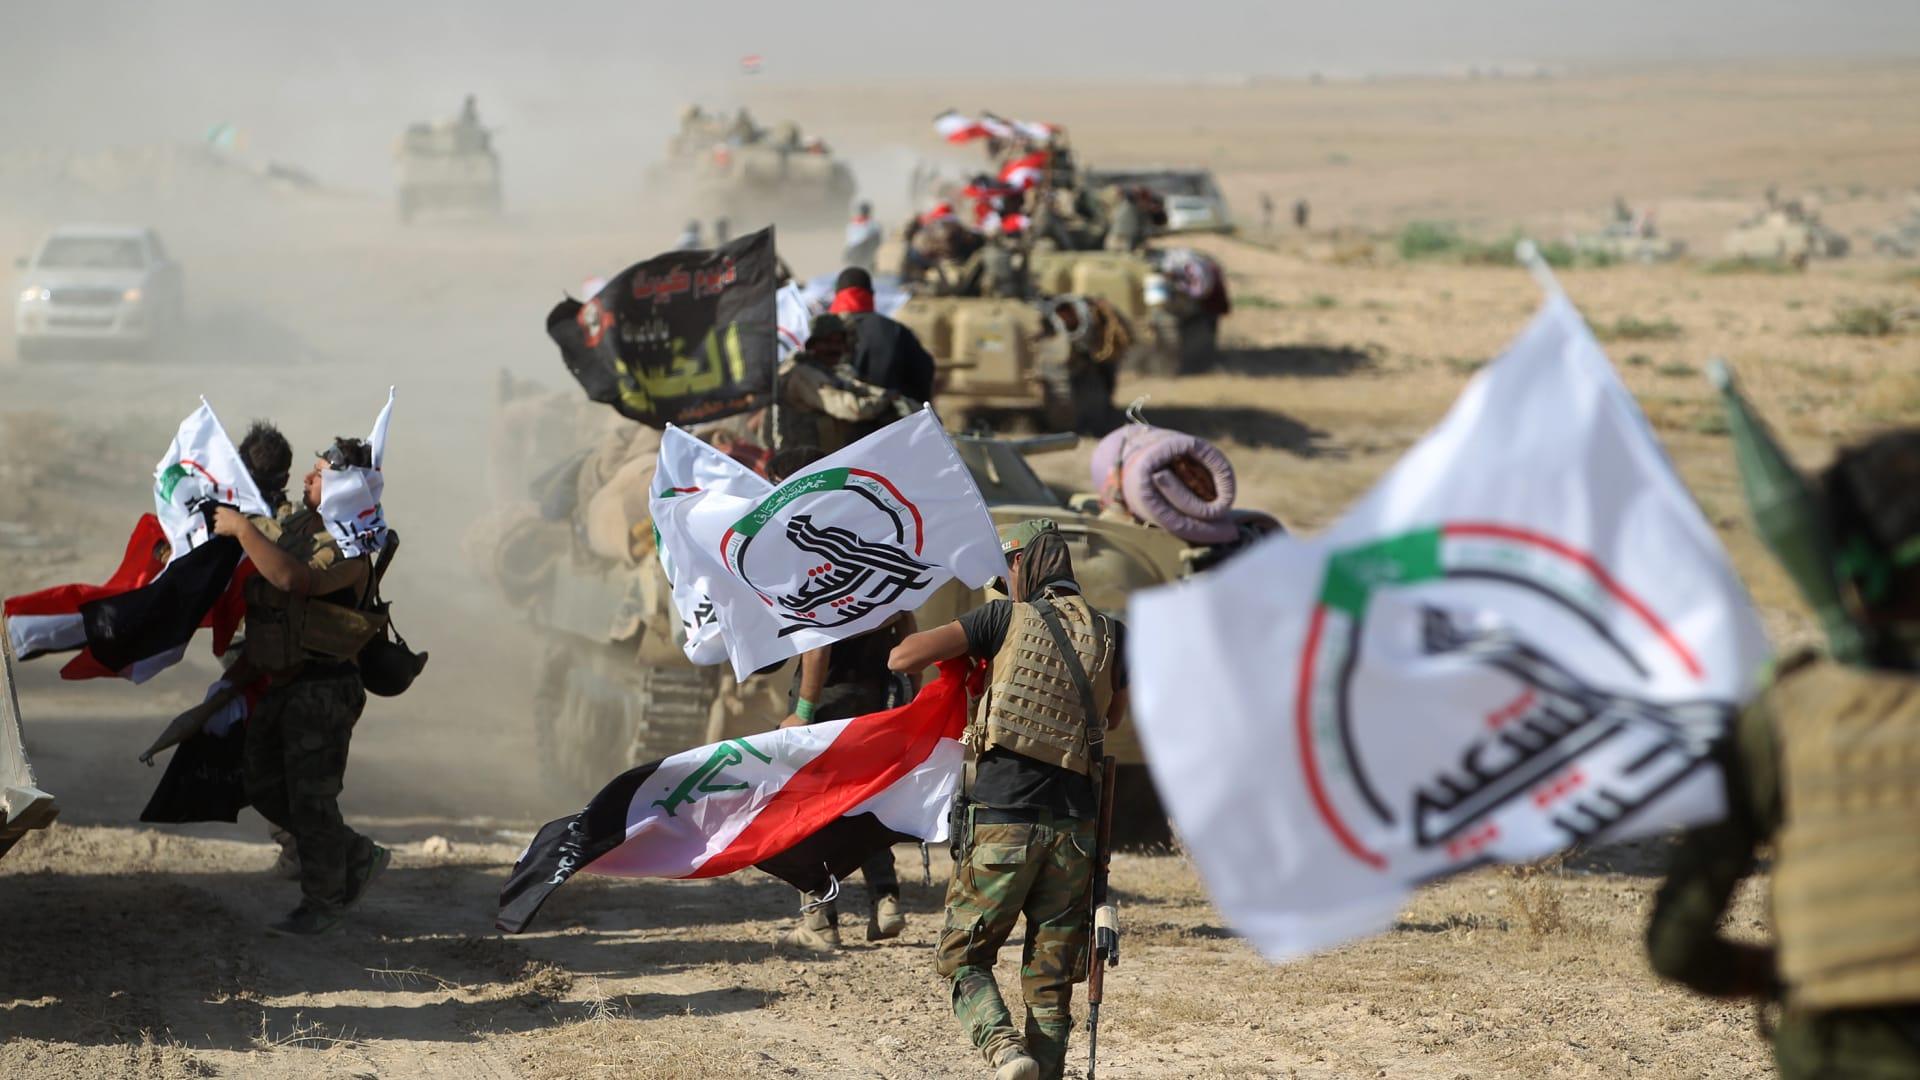 """""""إرهابي عالمي"""".. الخارجية الأمريكية تصنف الأمين العام السابق لكتائب حزب الله العراقية"""